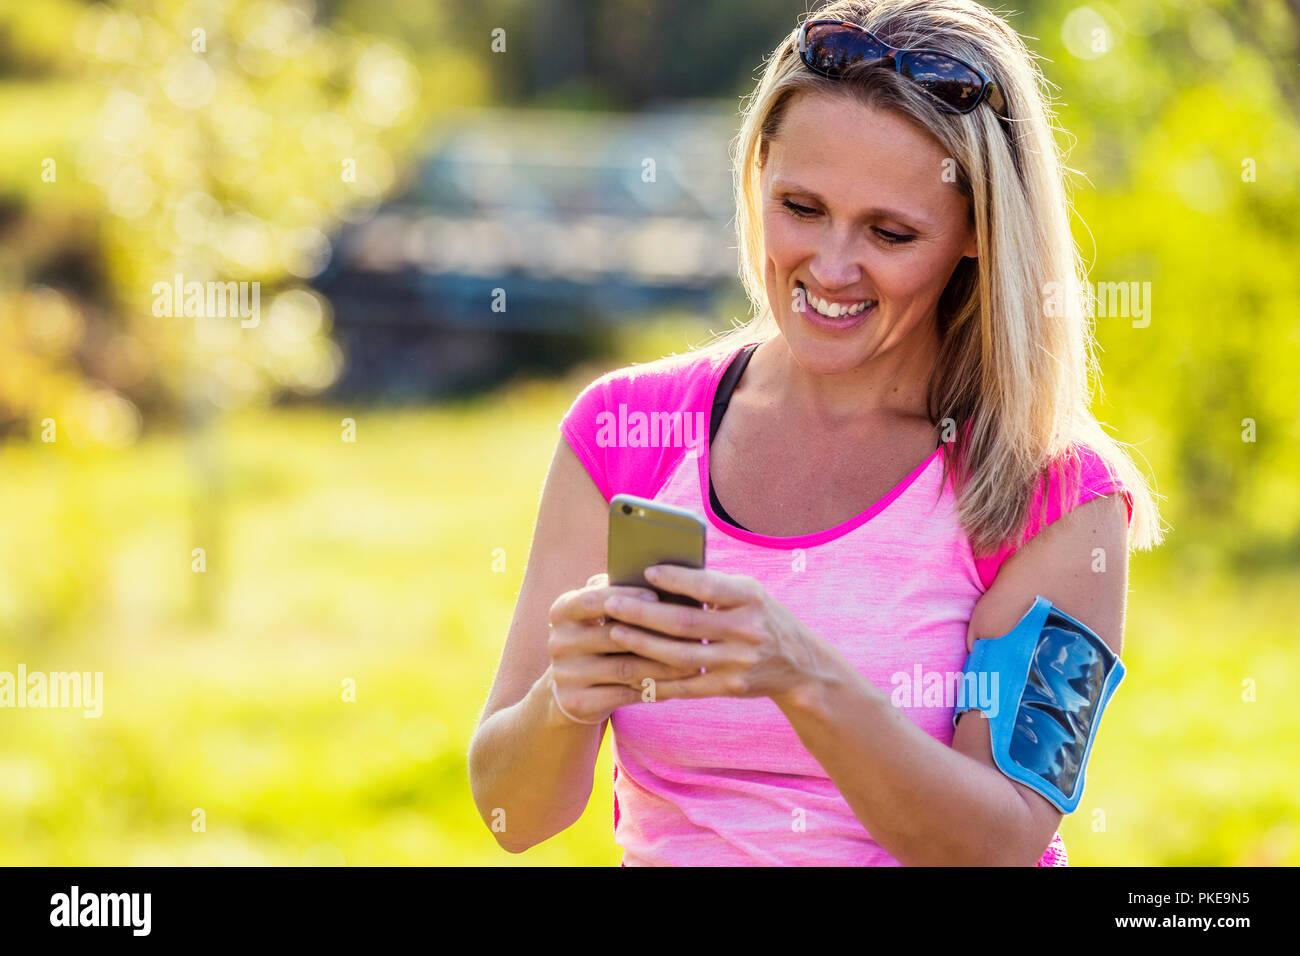 Una donna matura indossando active wear e una fascia da braccio per mantenere il suo smart phone testi prima di uscire per una corsa in un parco della città durante la stagione autunnale Immagini Stock